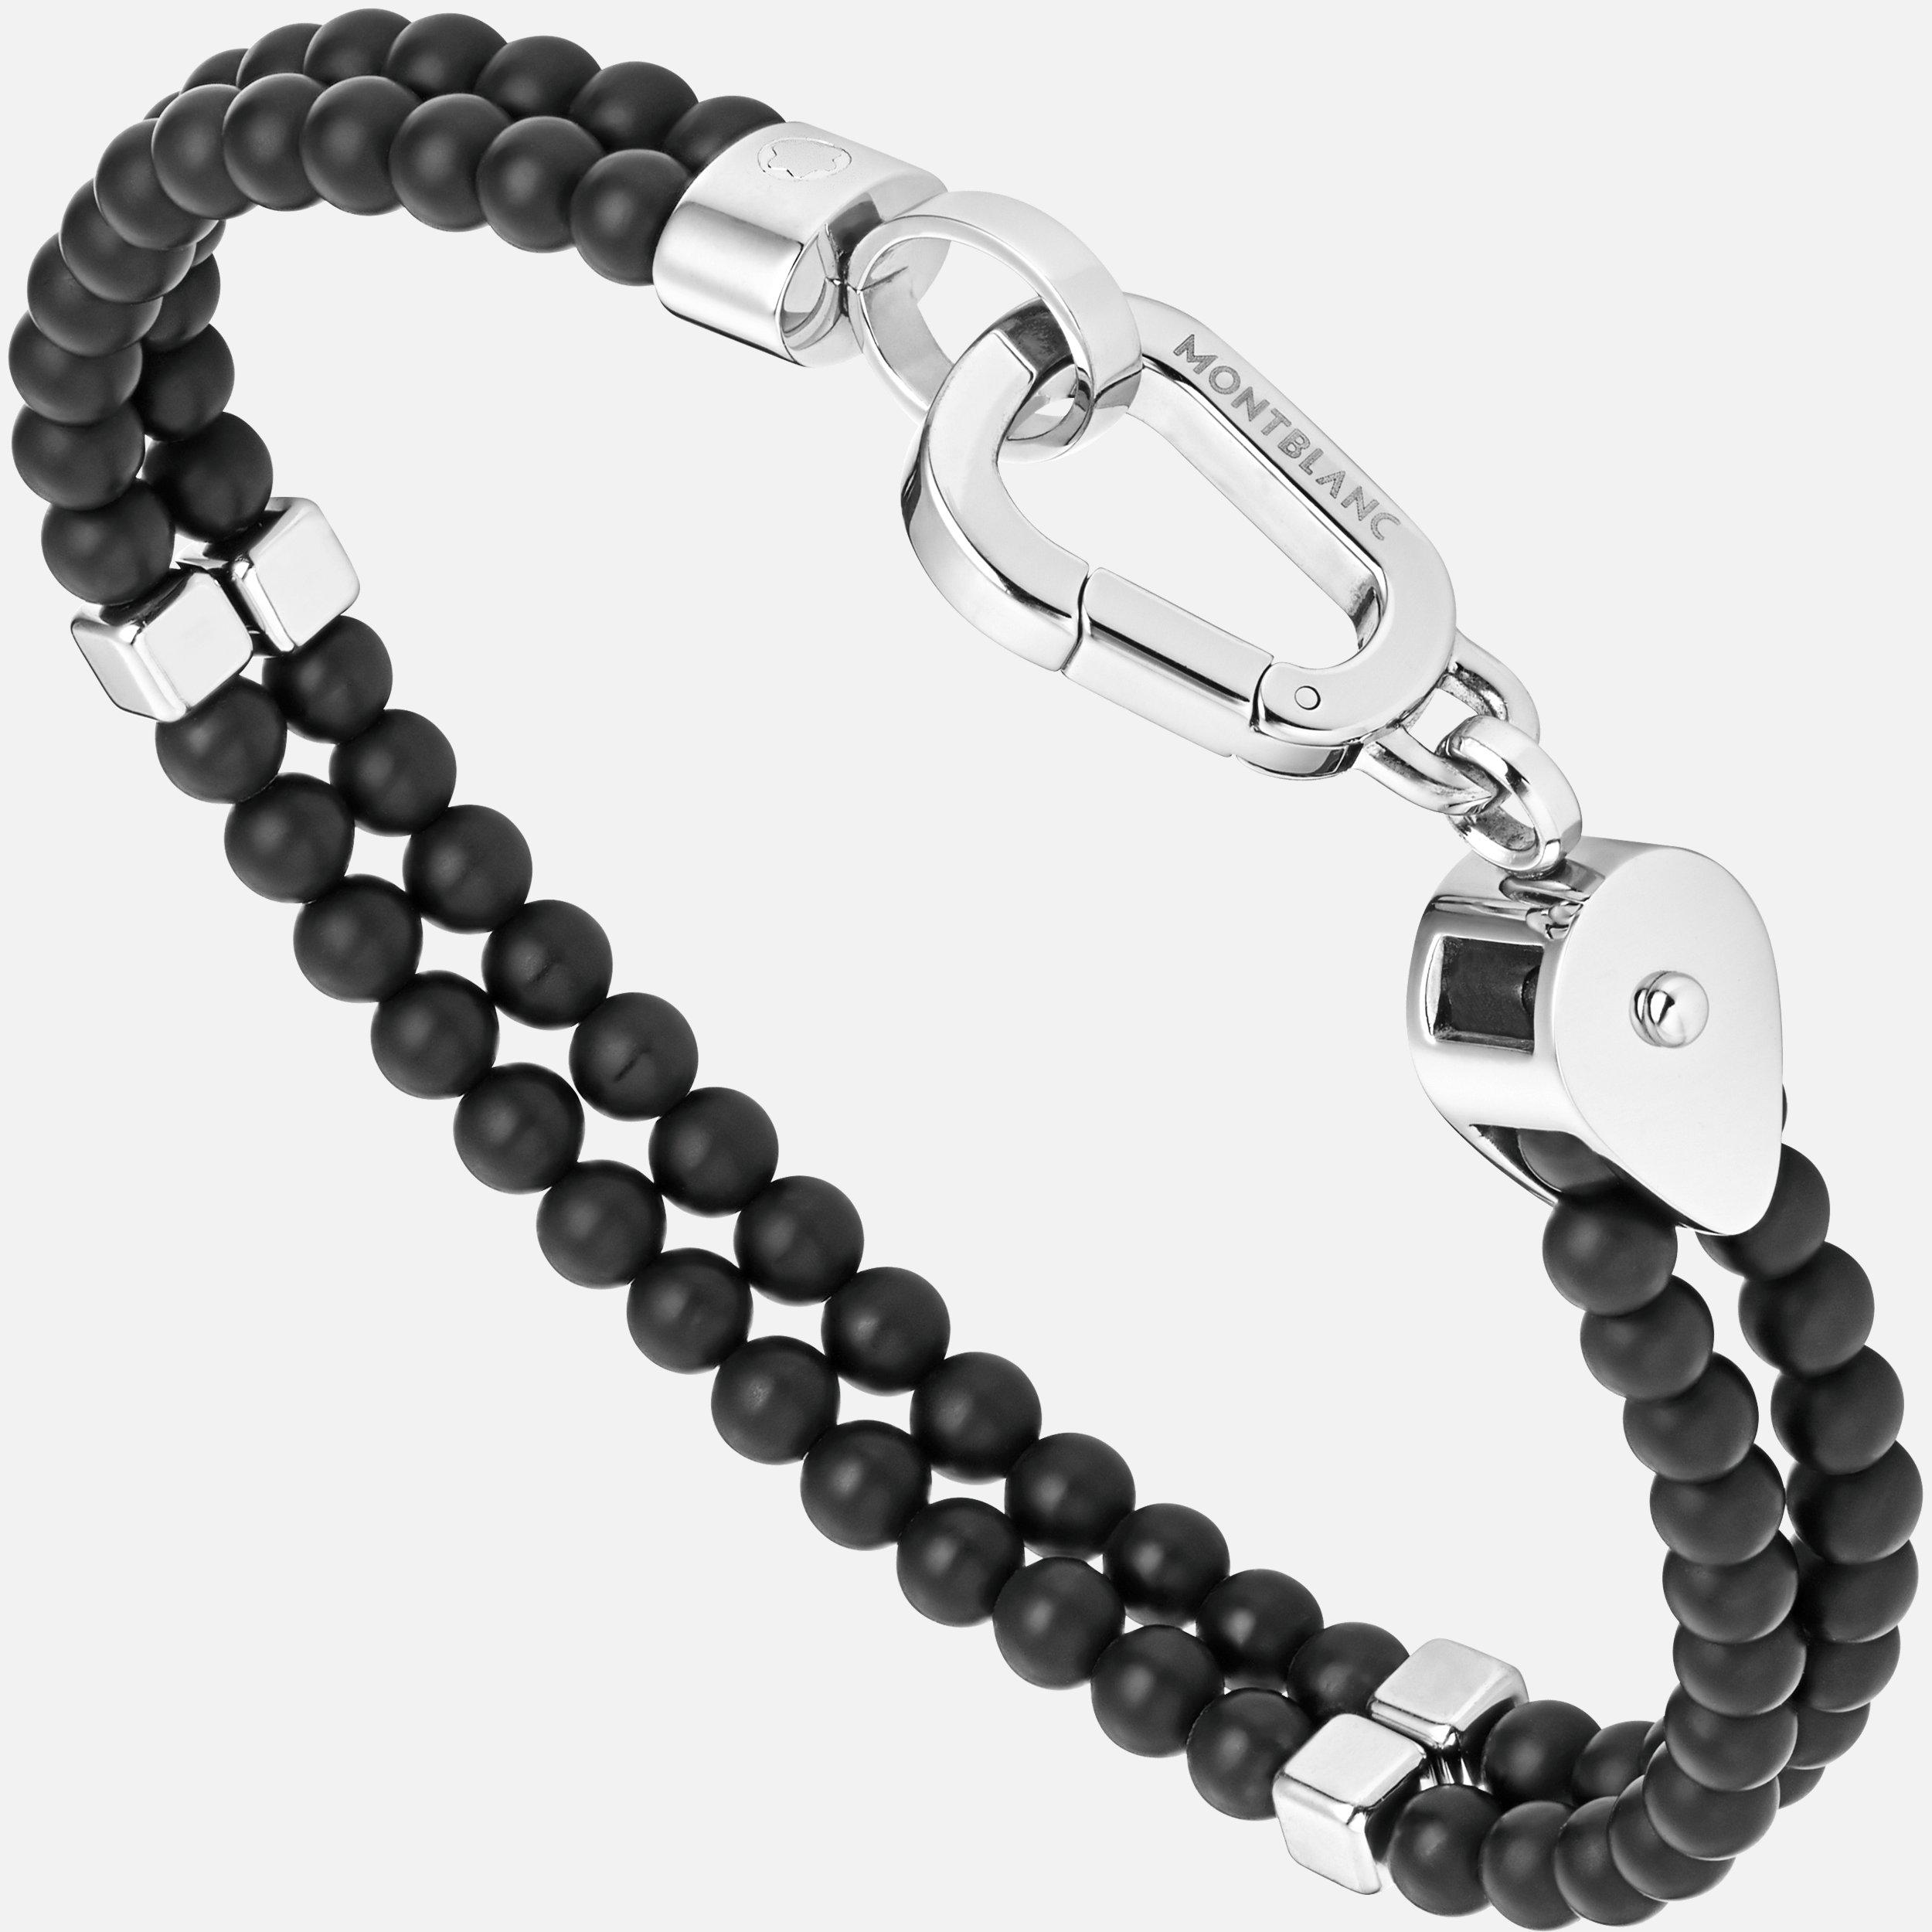 Bracelet double Wrap Me en onyx et acier, Montblanc